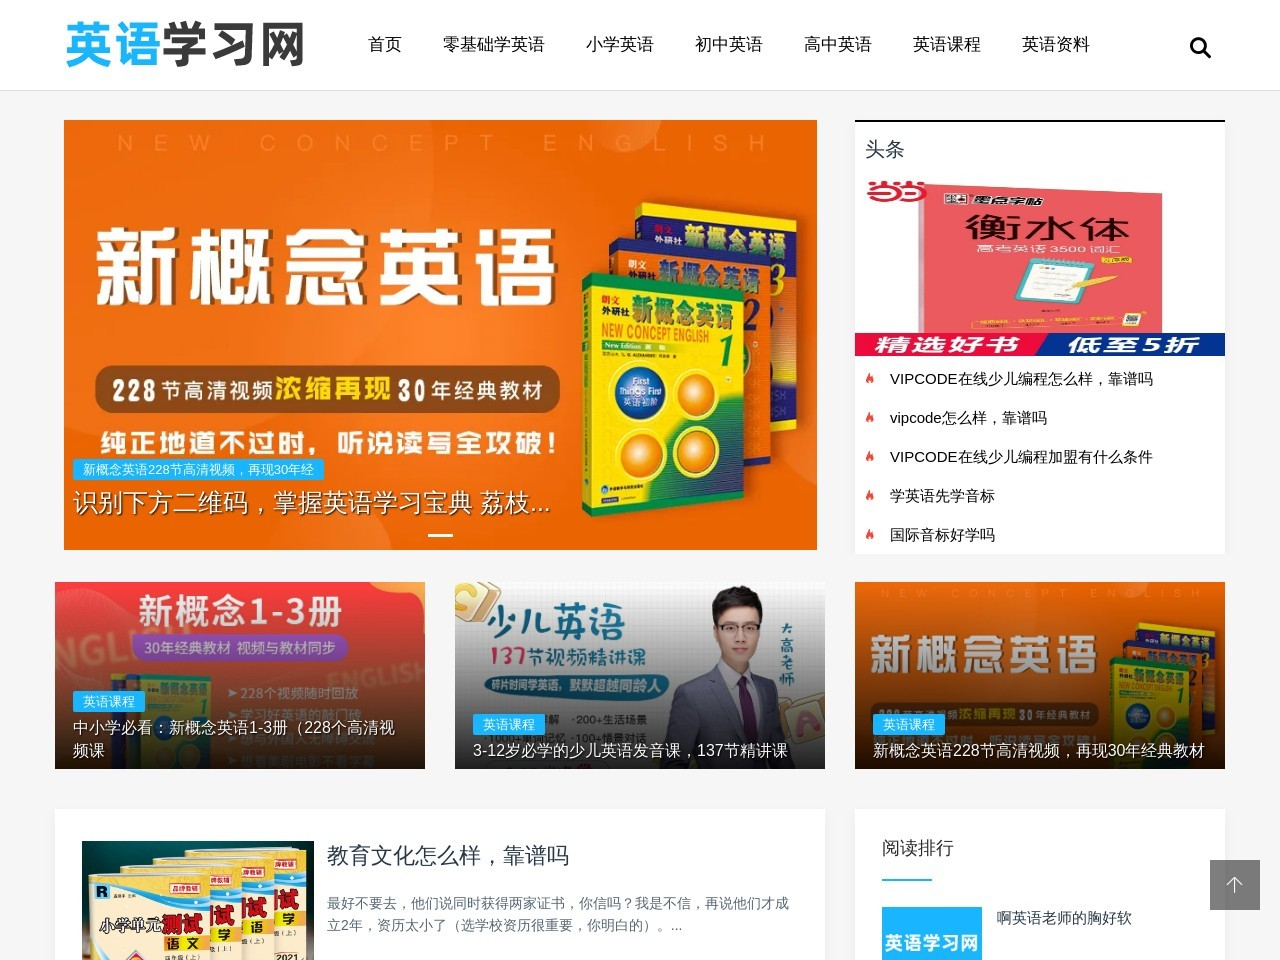 英语学习网_免费在线学习英语的网站